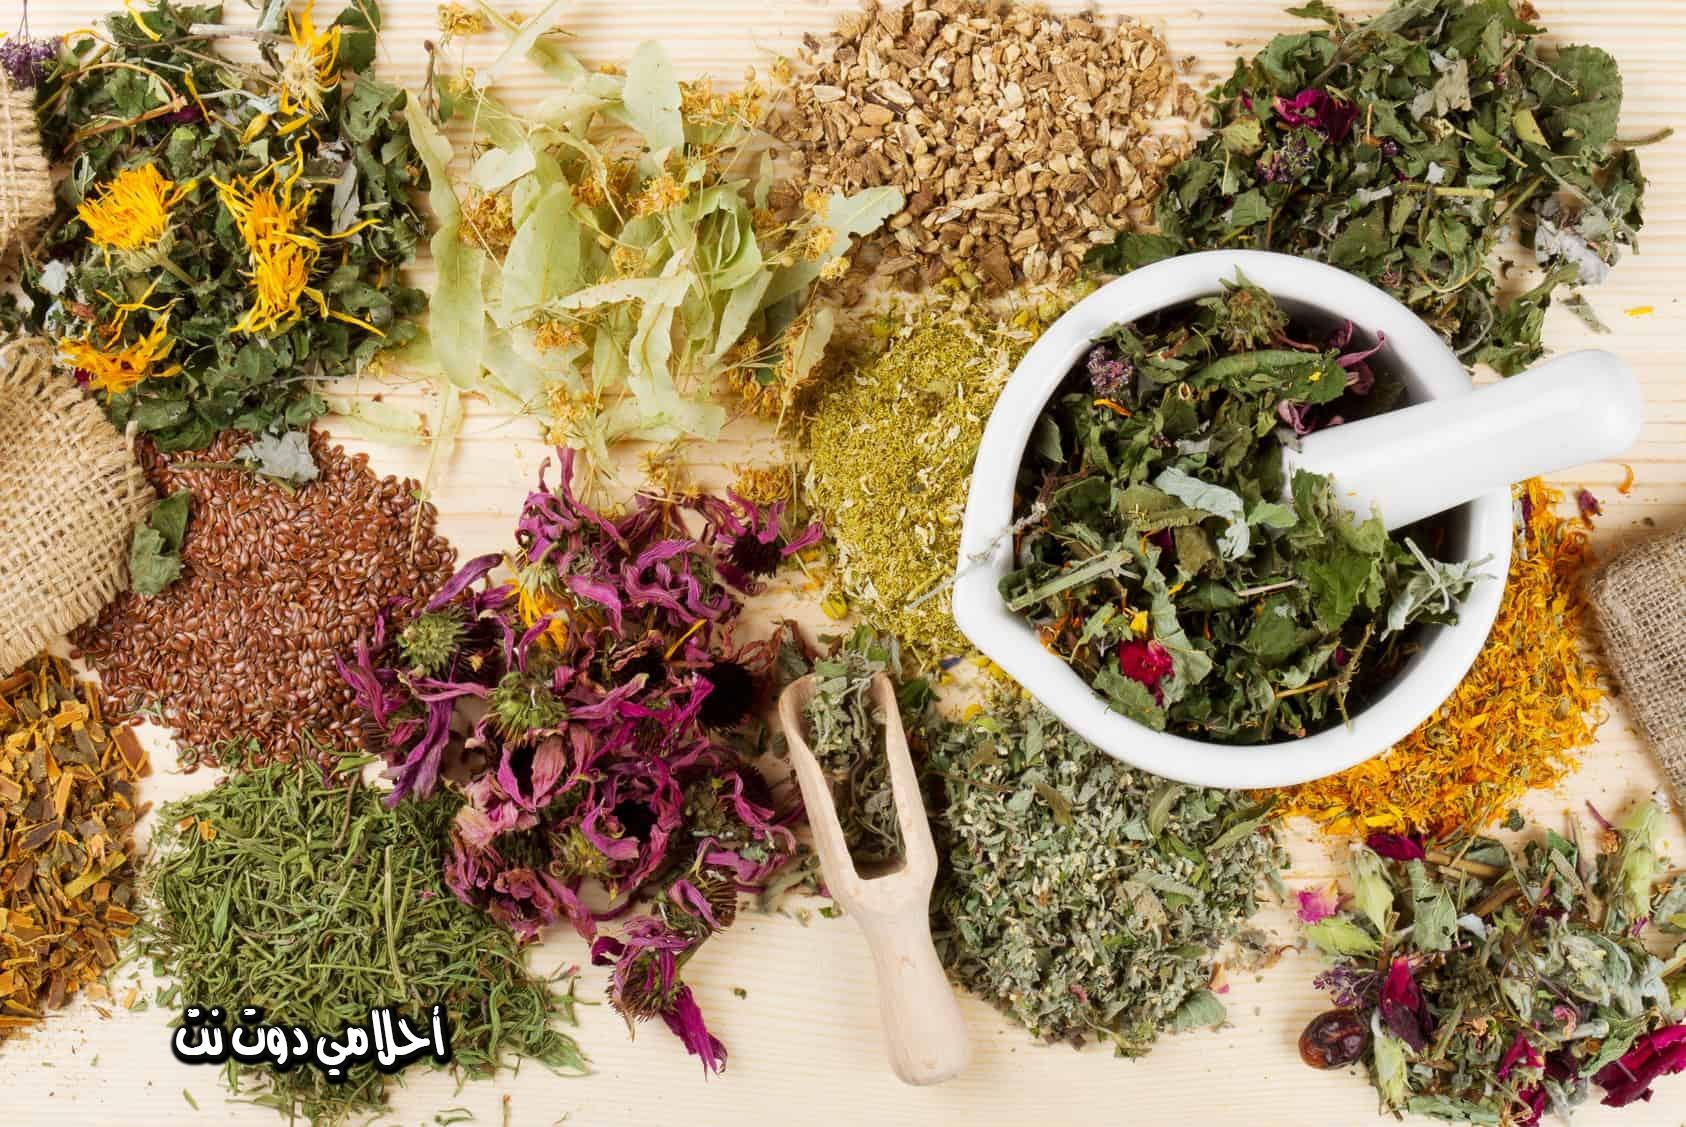 اعشاب مفيدة لمرض الزهايمر